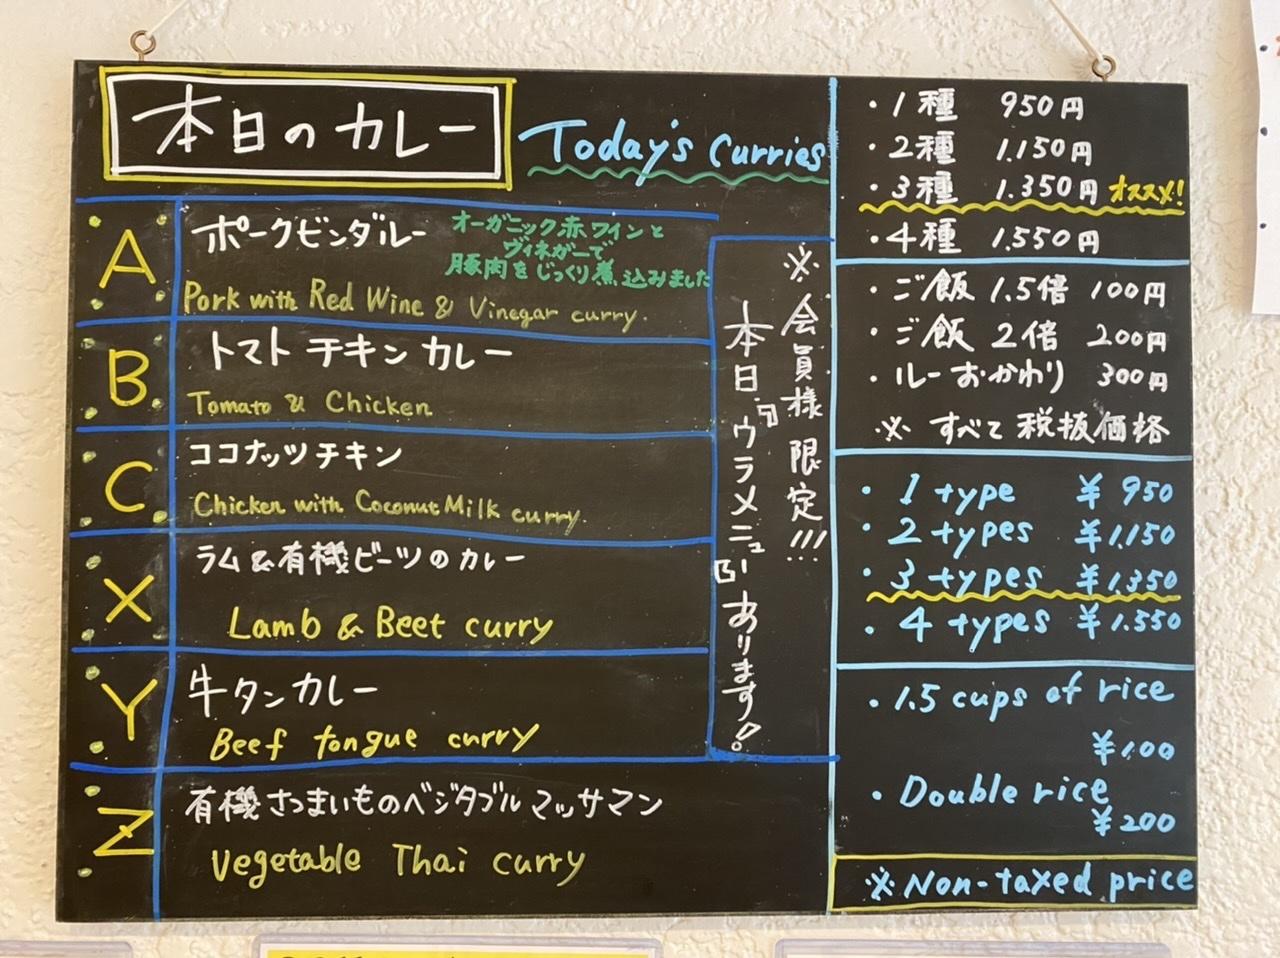 【中目黒】カレー日記20_1_1